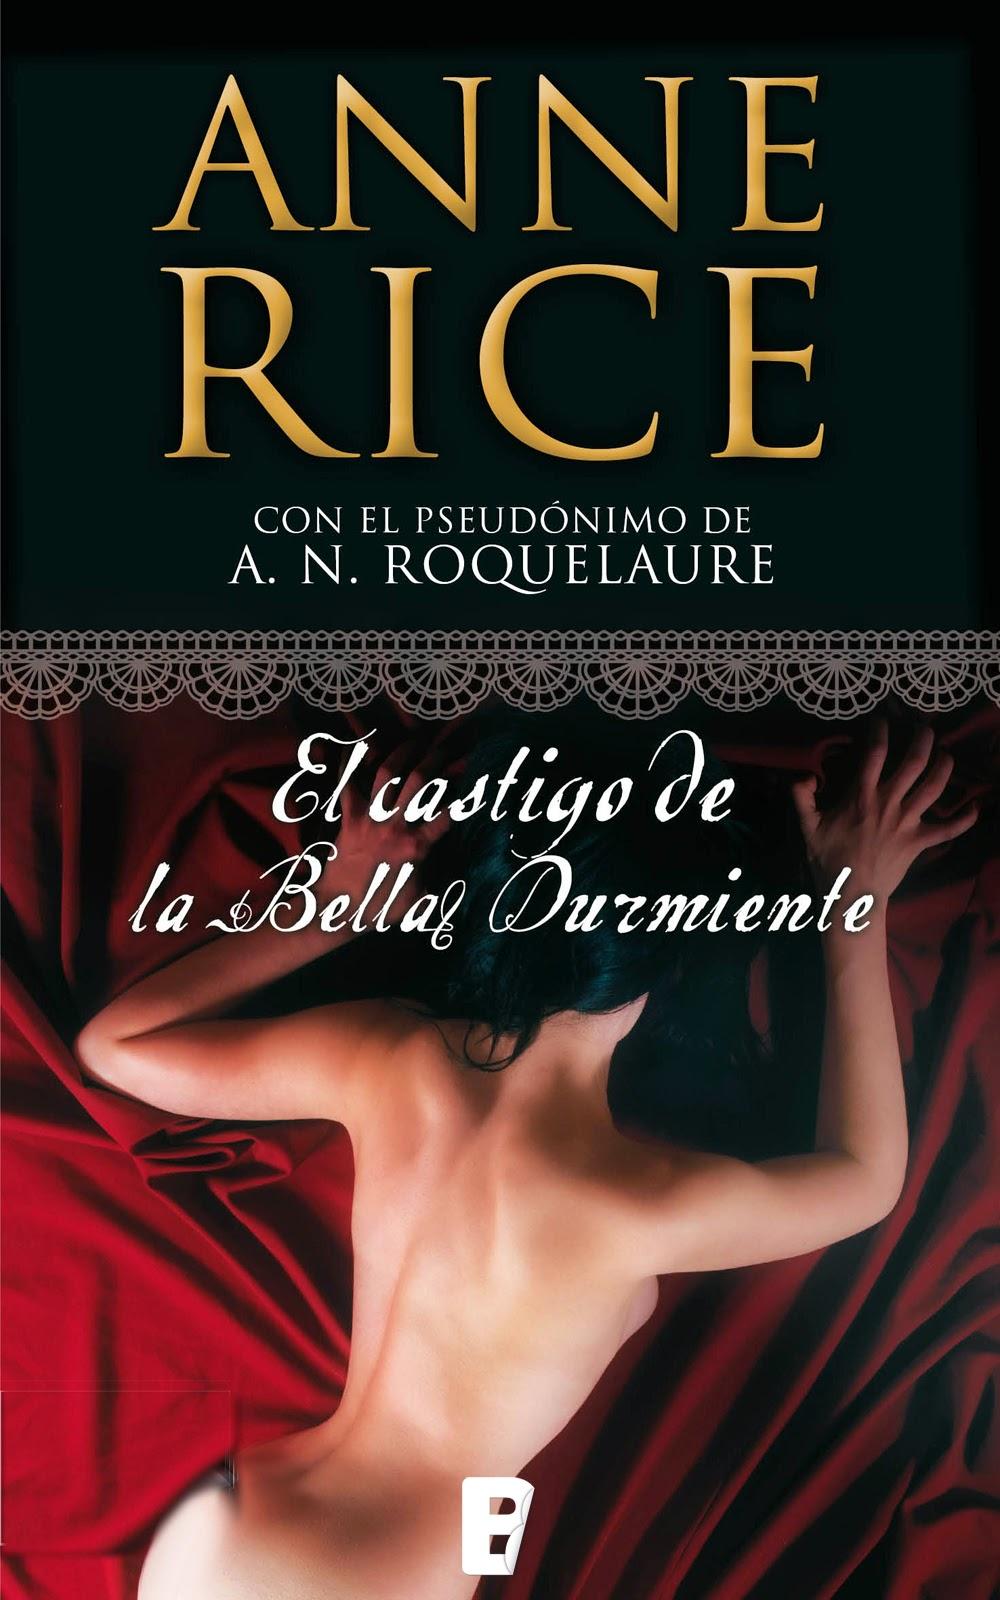 El castigo de la bella durmiente – Anee Rice